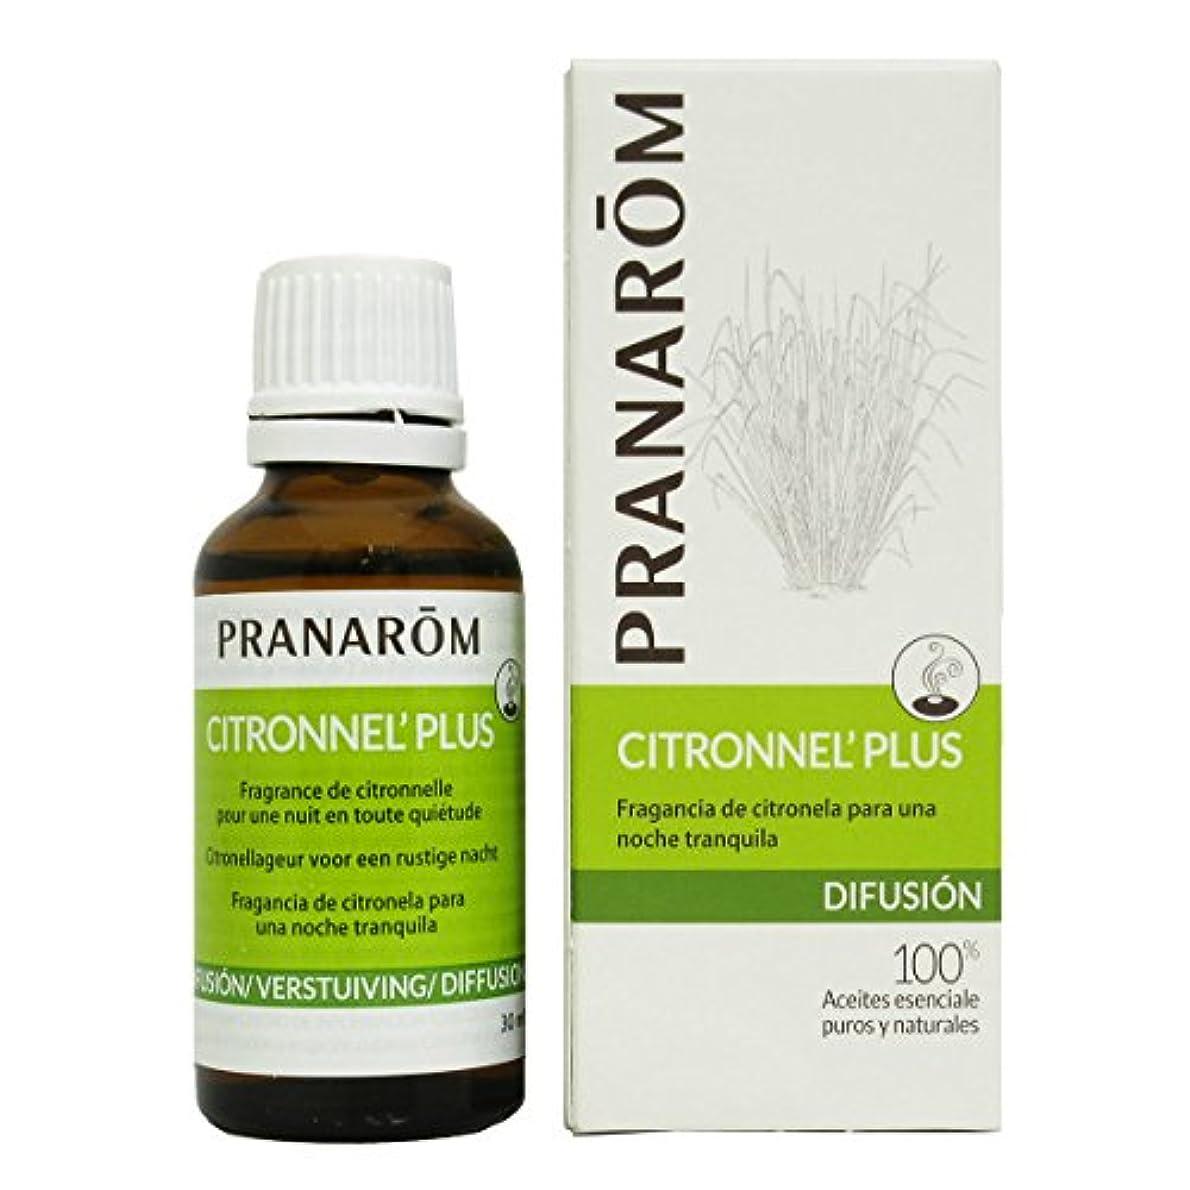 プラナロム シトロネラプラス 30ml (PRANAROM ルームコロン)